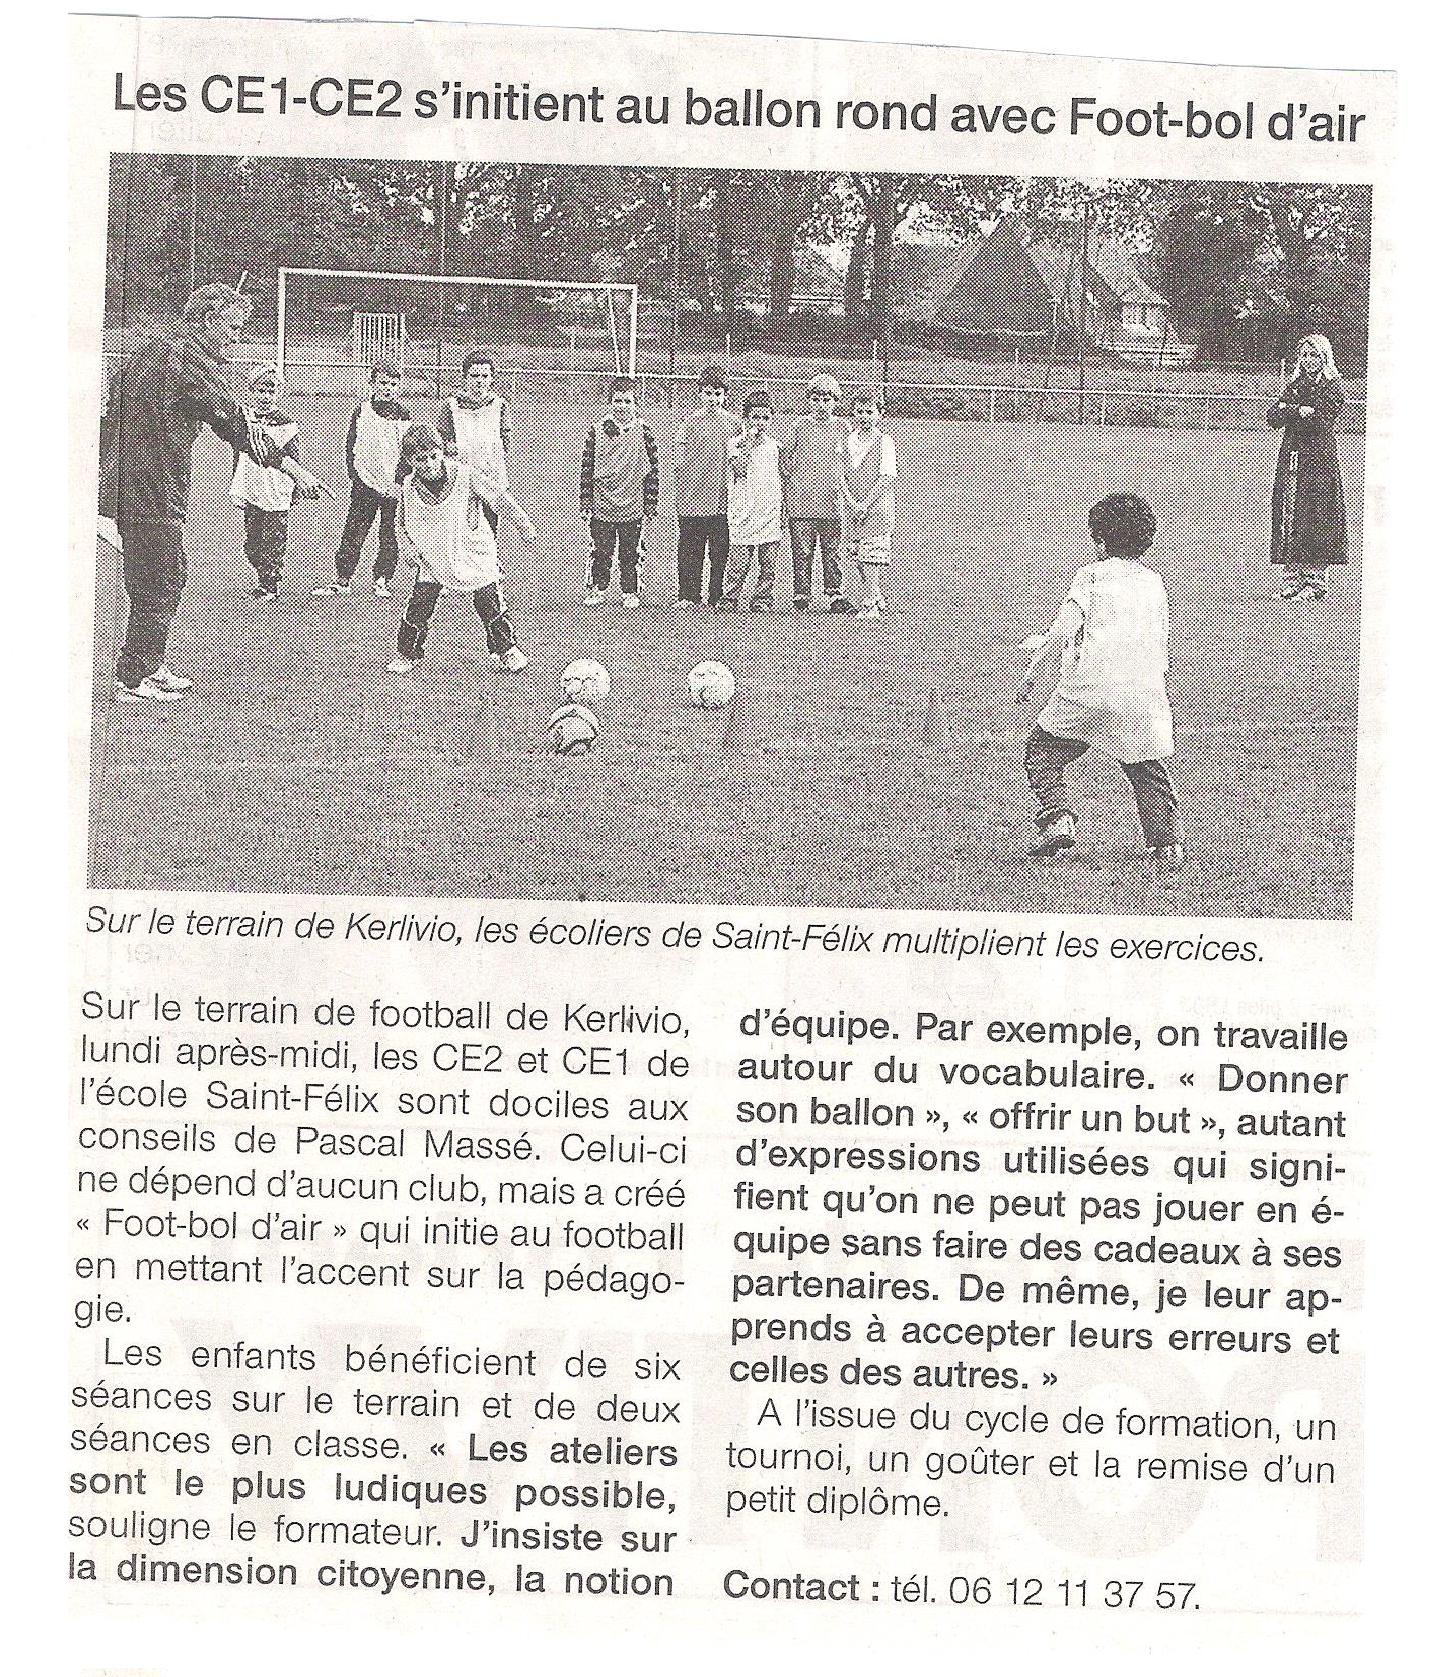 ECOLE Saint-Felix - Hennebont - Novembre 2012.png